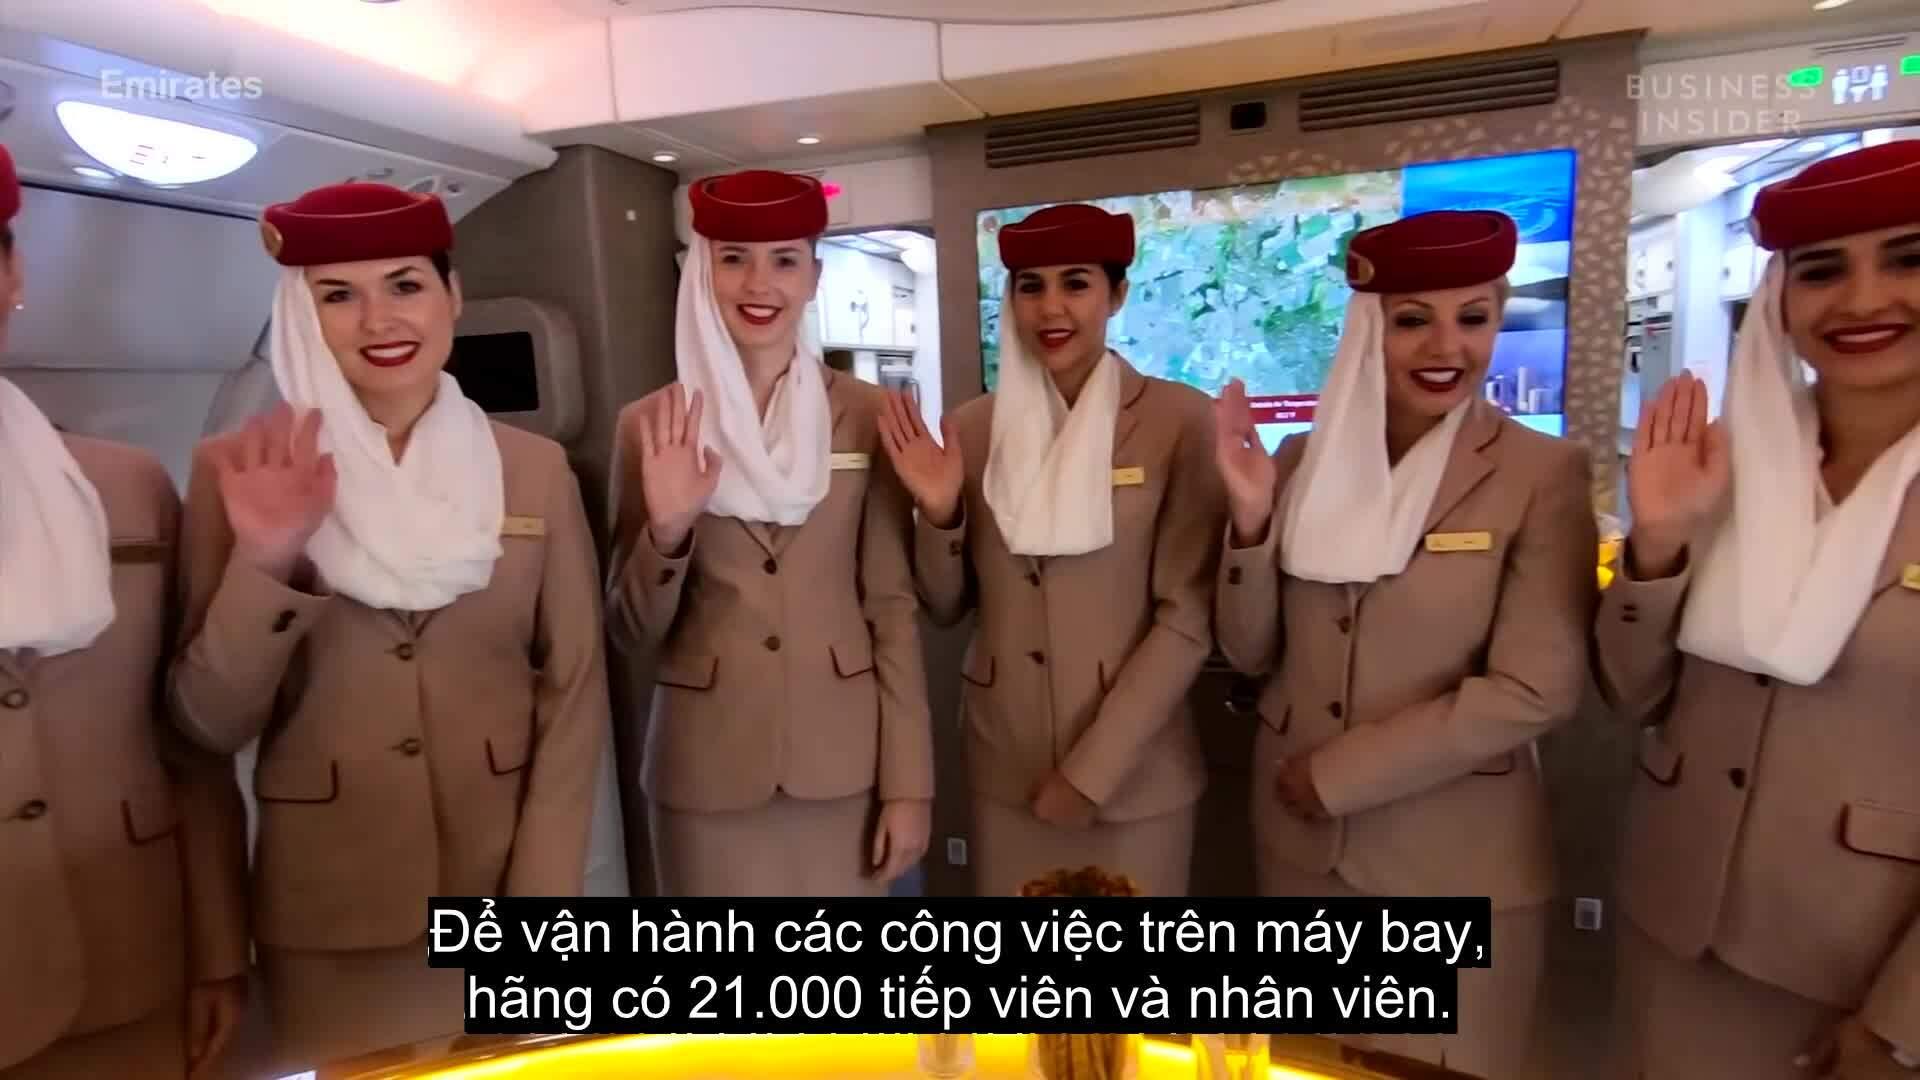 Đặc quyền cho tiếp viên của hàng không 5 sao